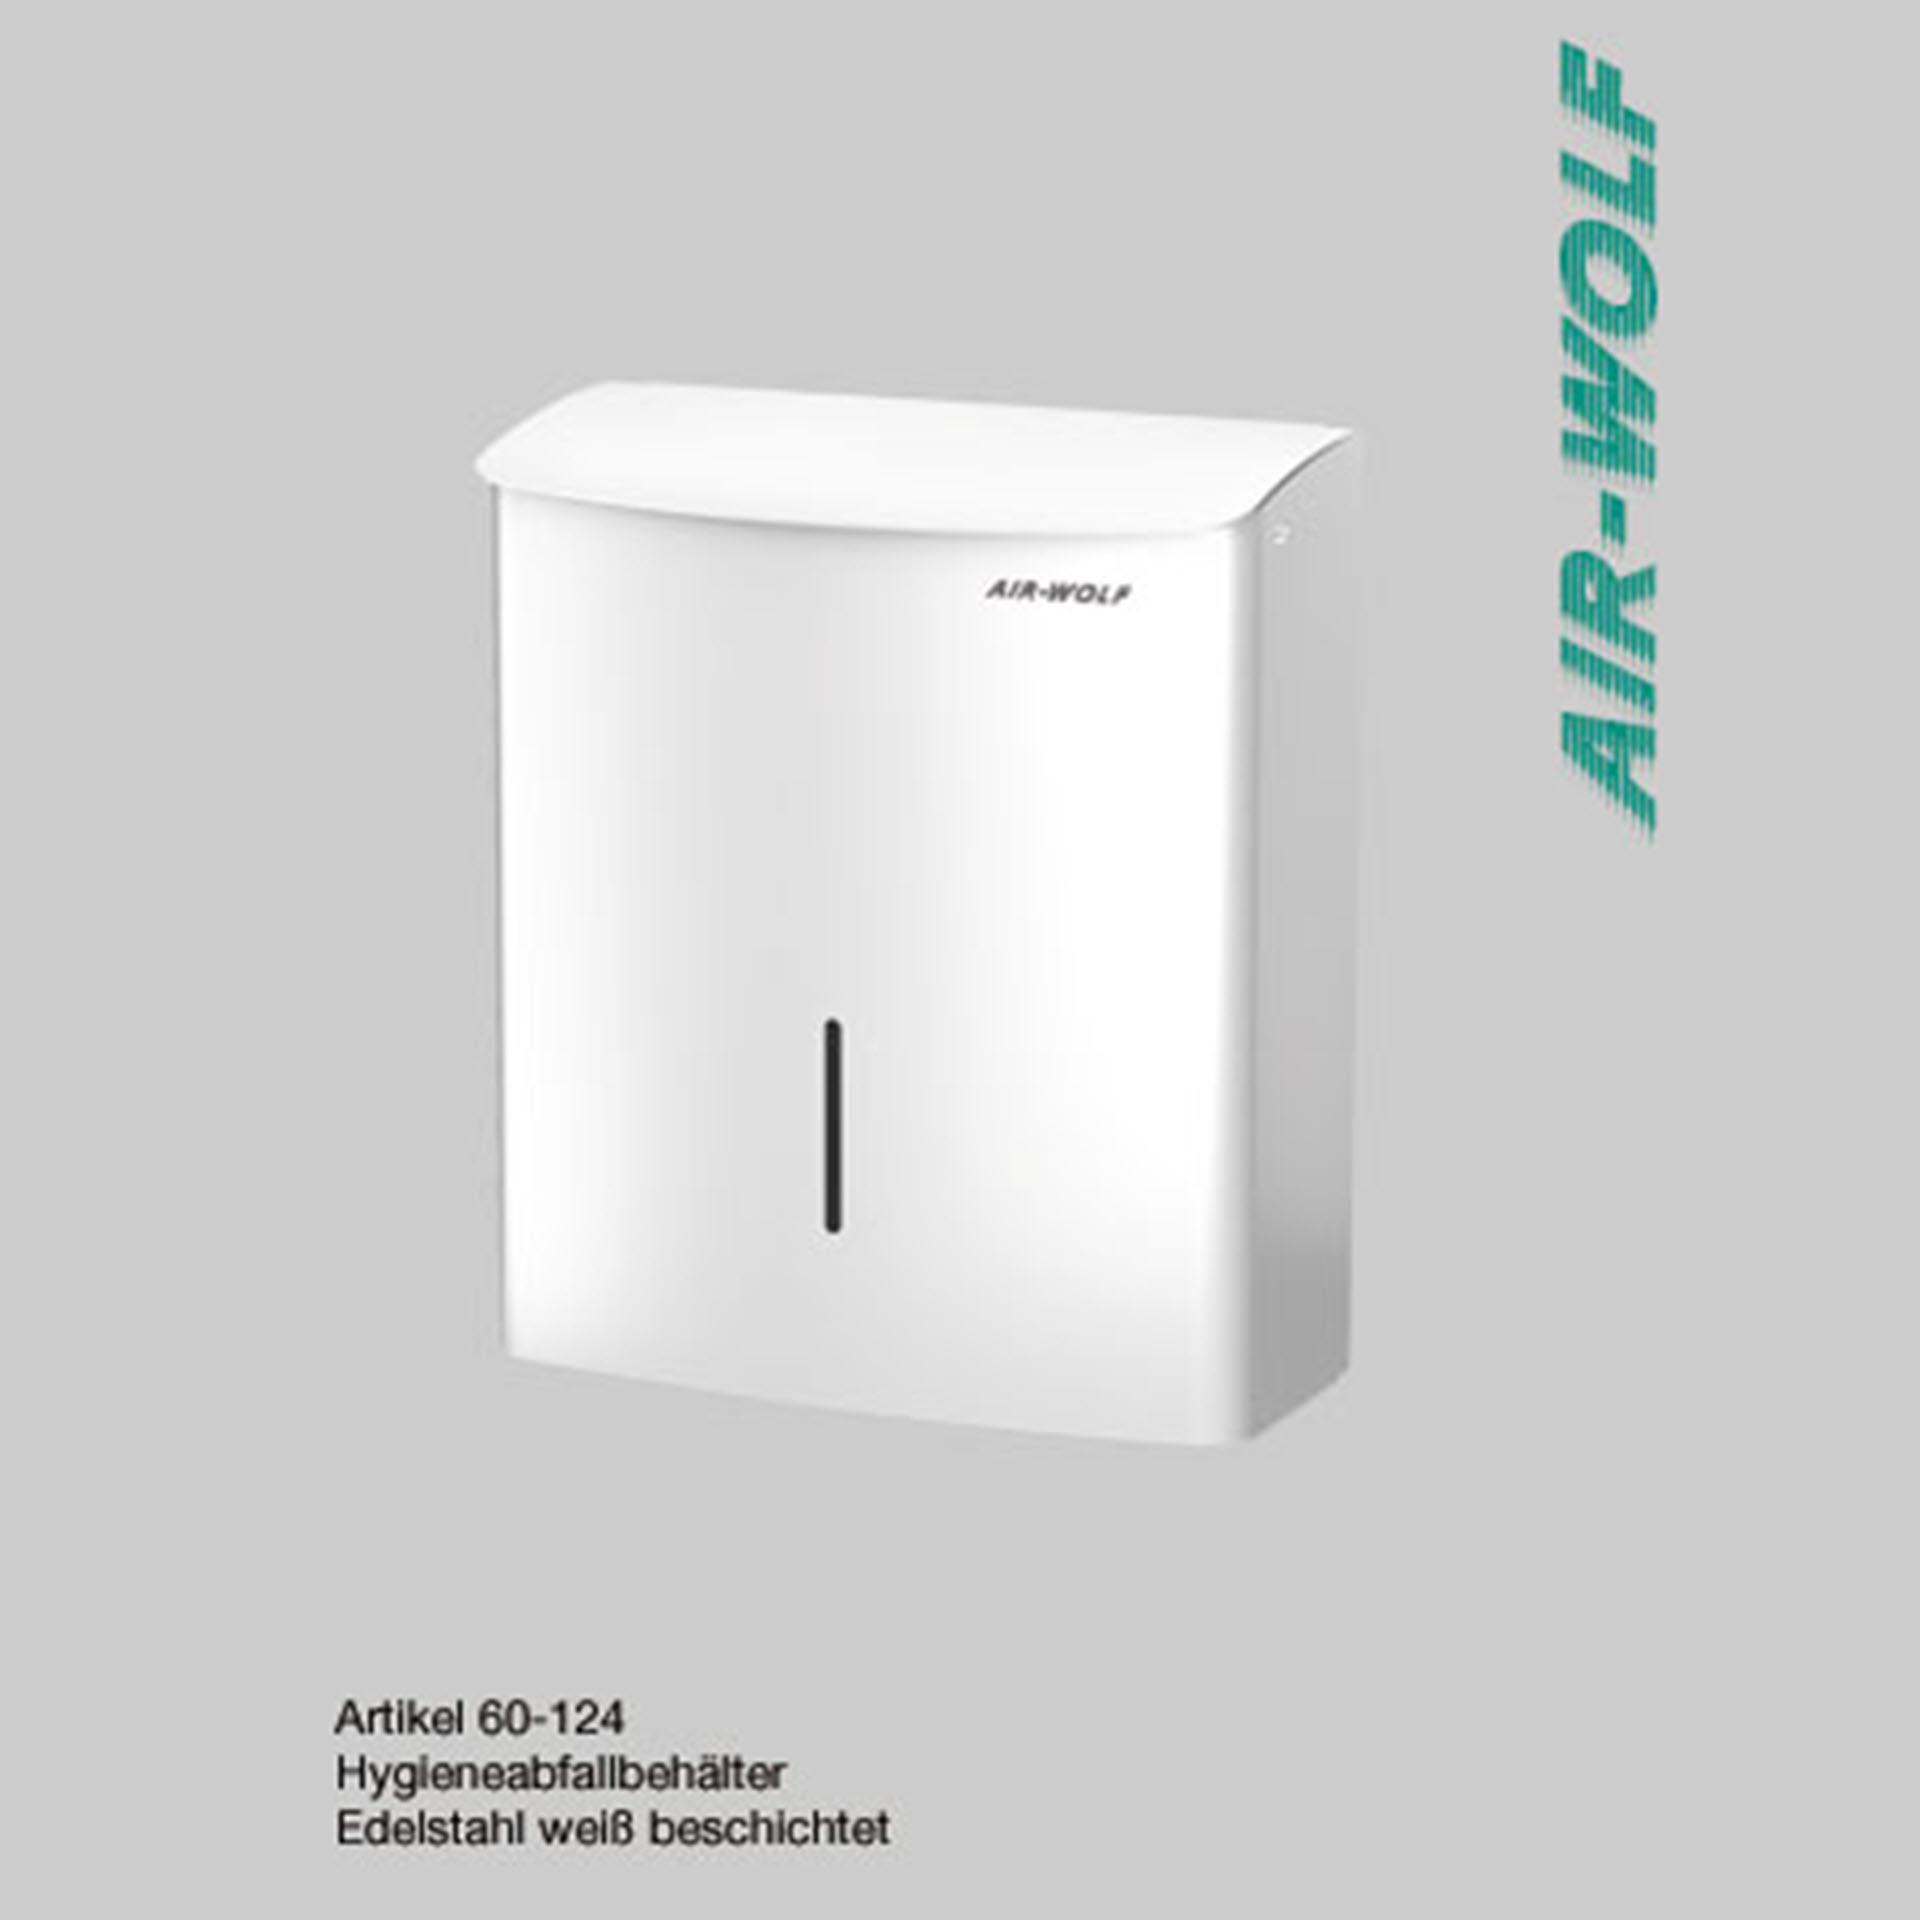 """Air-Wolf Abfallbehälter / Hygieneabfallbehälter 10 Liter Edelstahl - Serie """"Alpha"""""""